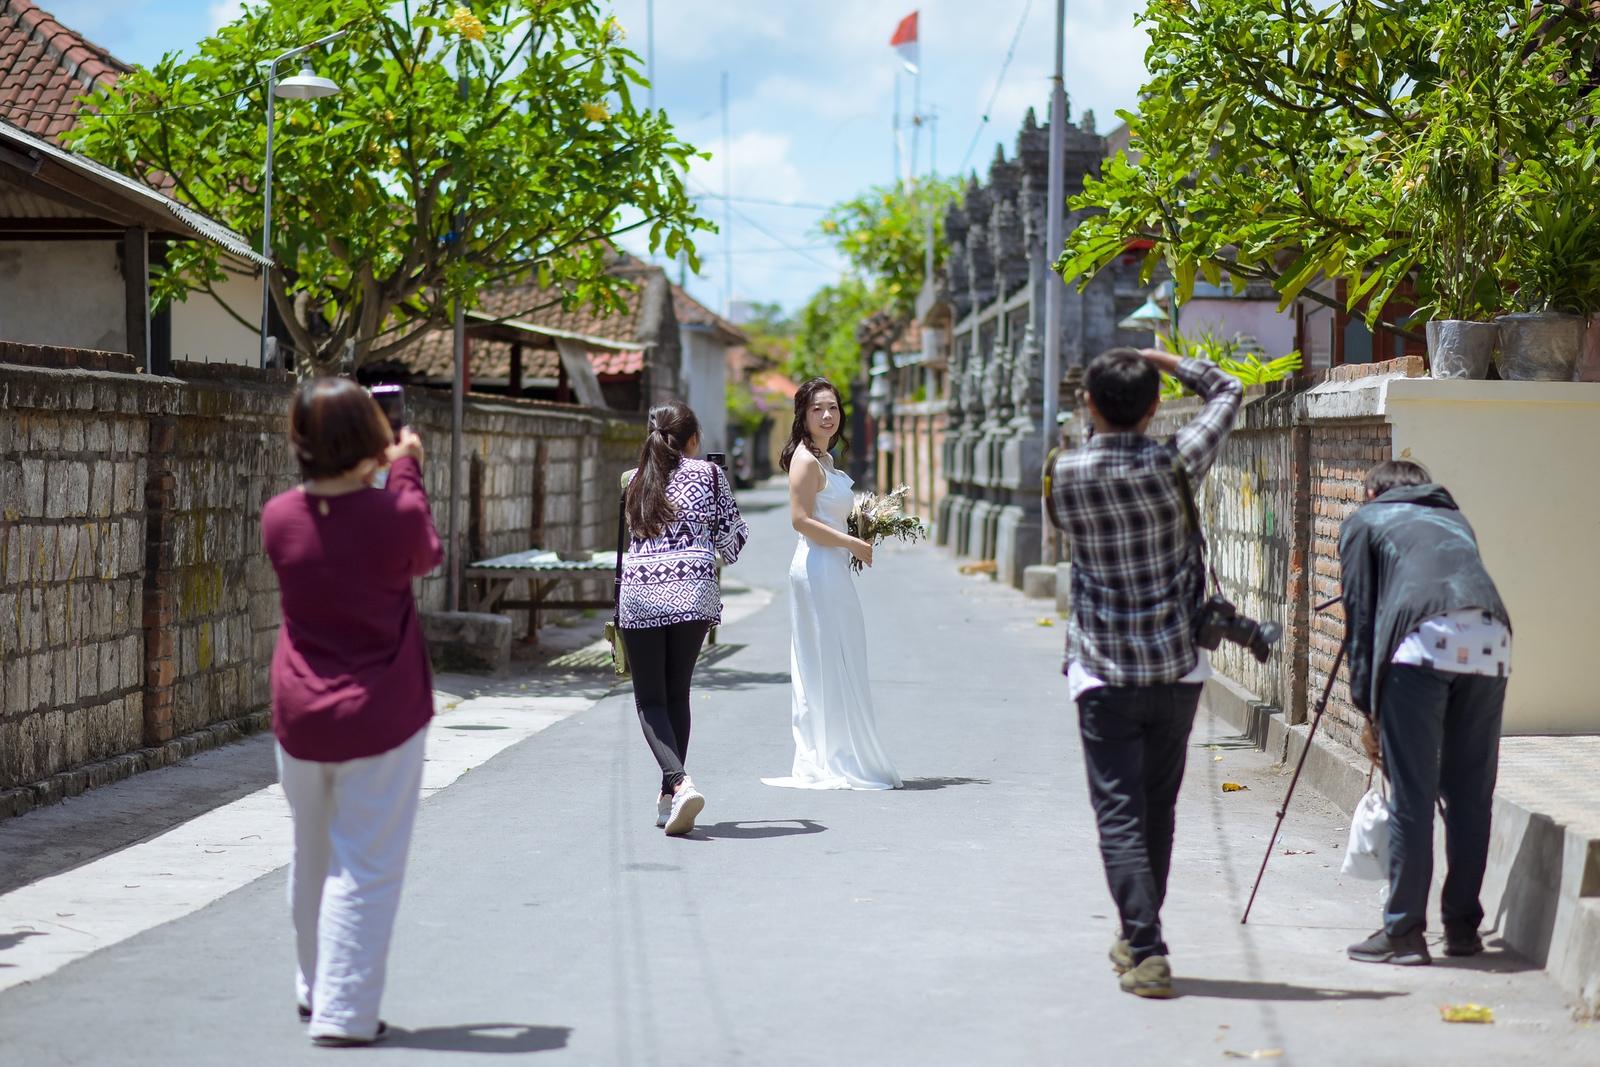 バリ島の街中